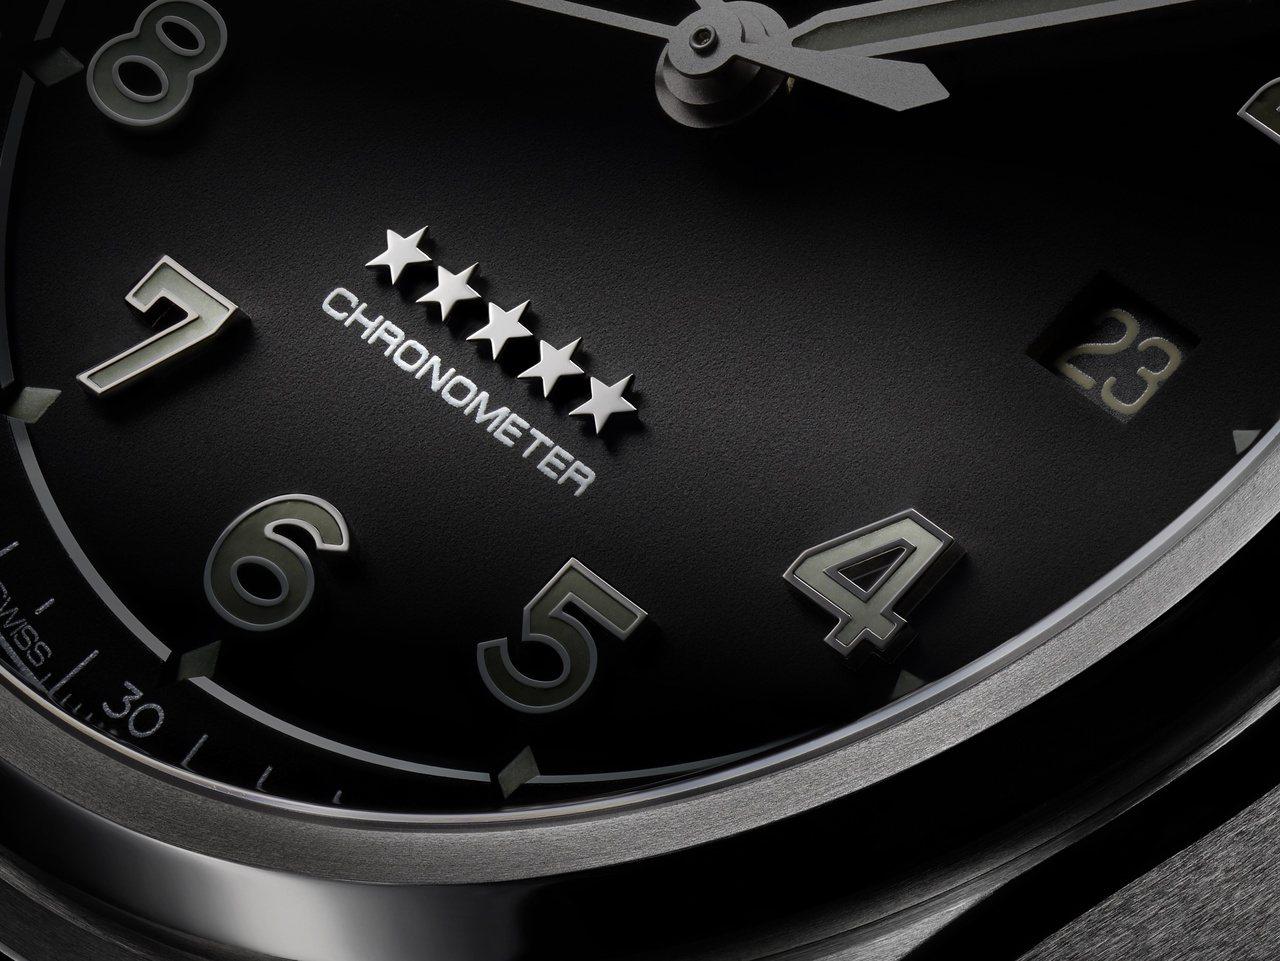 具有Chronometer字樣的表面,顯示通過瑞士天文認證的精準可靠。 圖 / ...